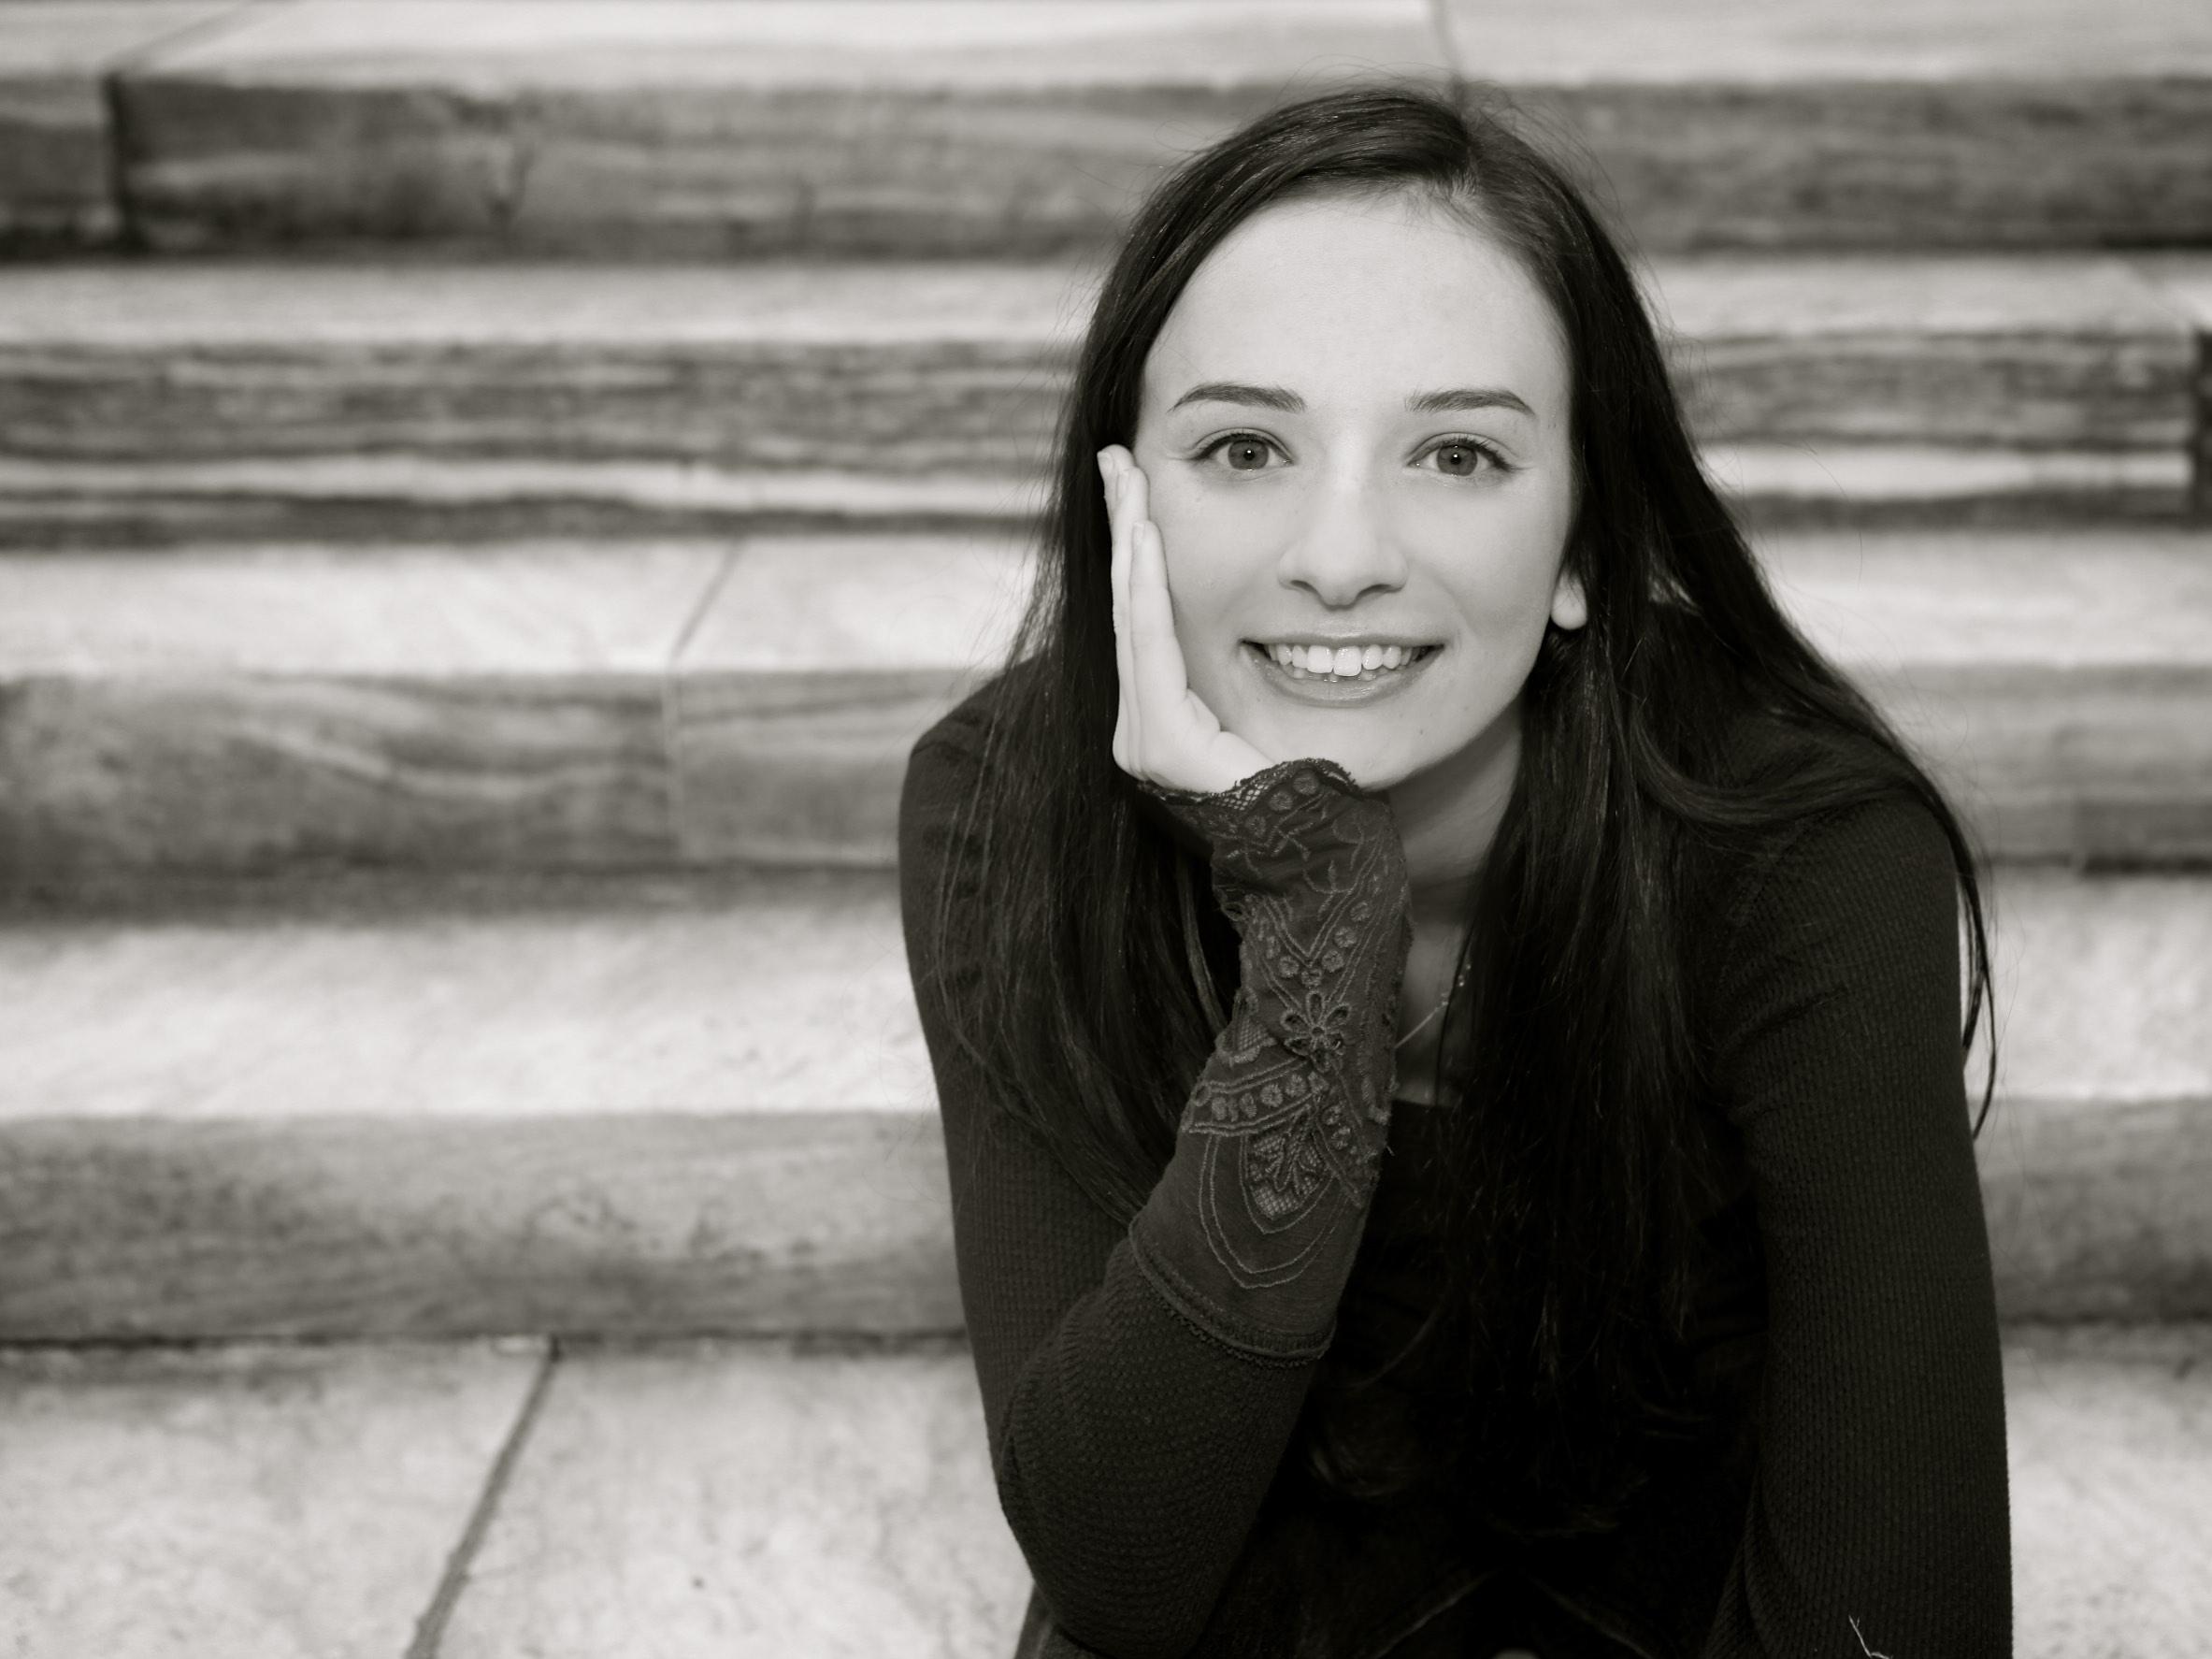 Zoe Jacobson - IMG_9731 - Version 2.jpg